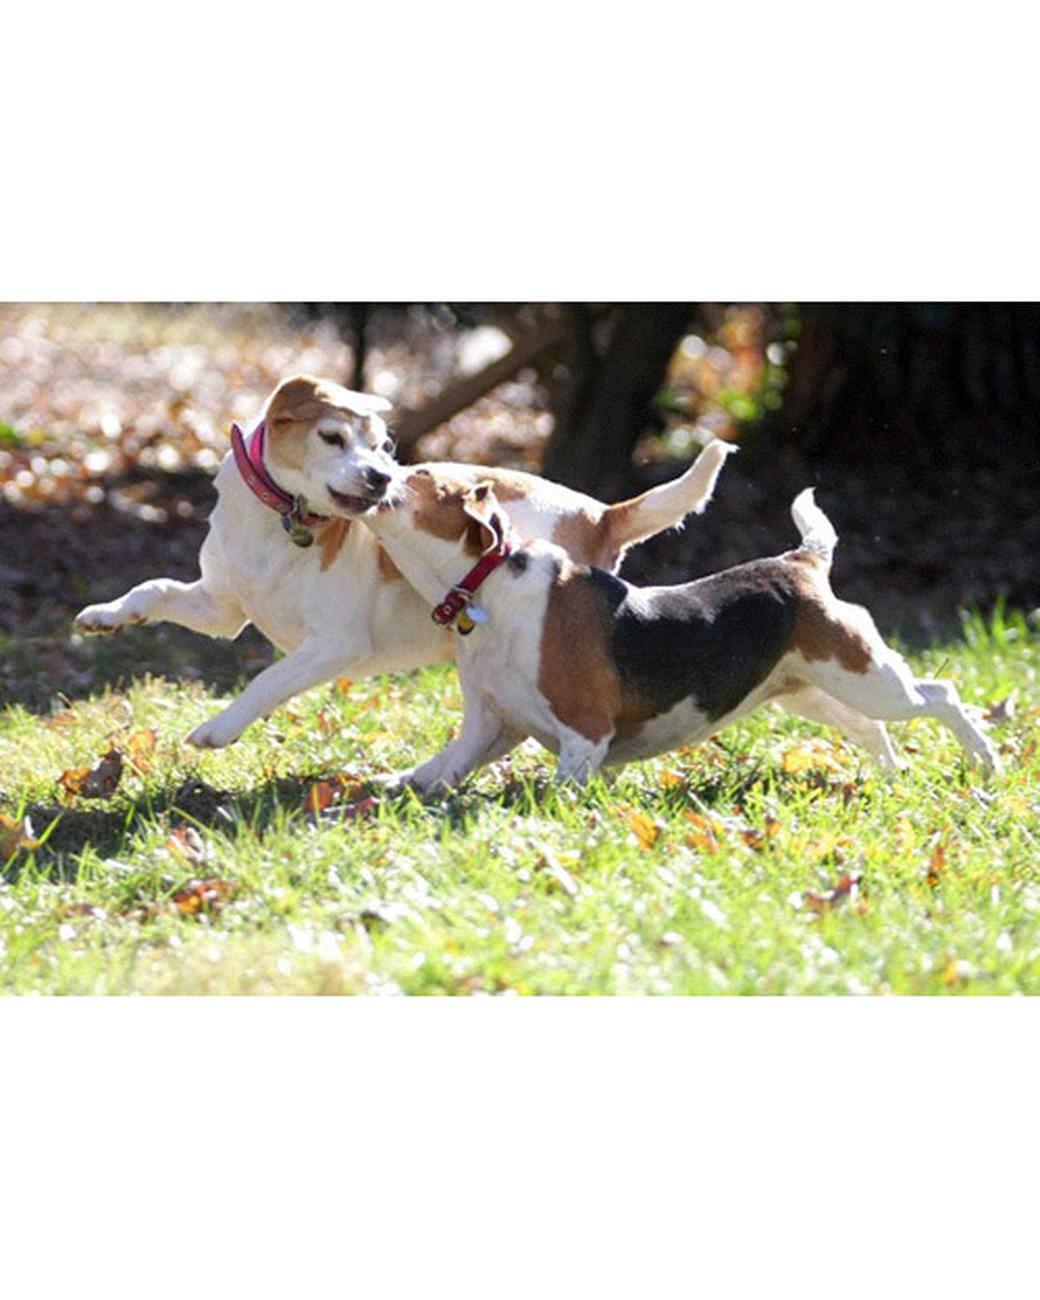 pets_at_play_6432998_15787005.jpg